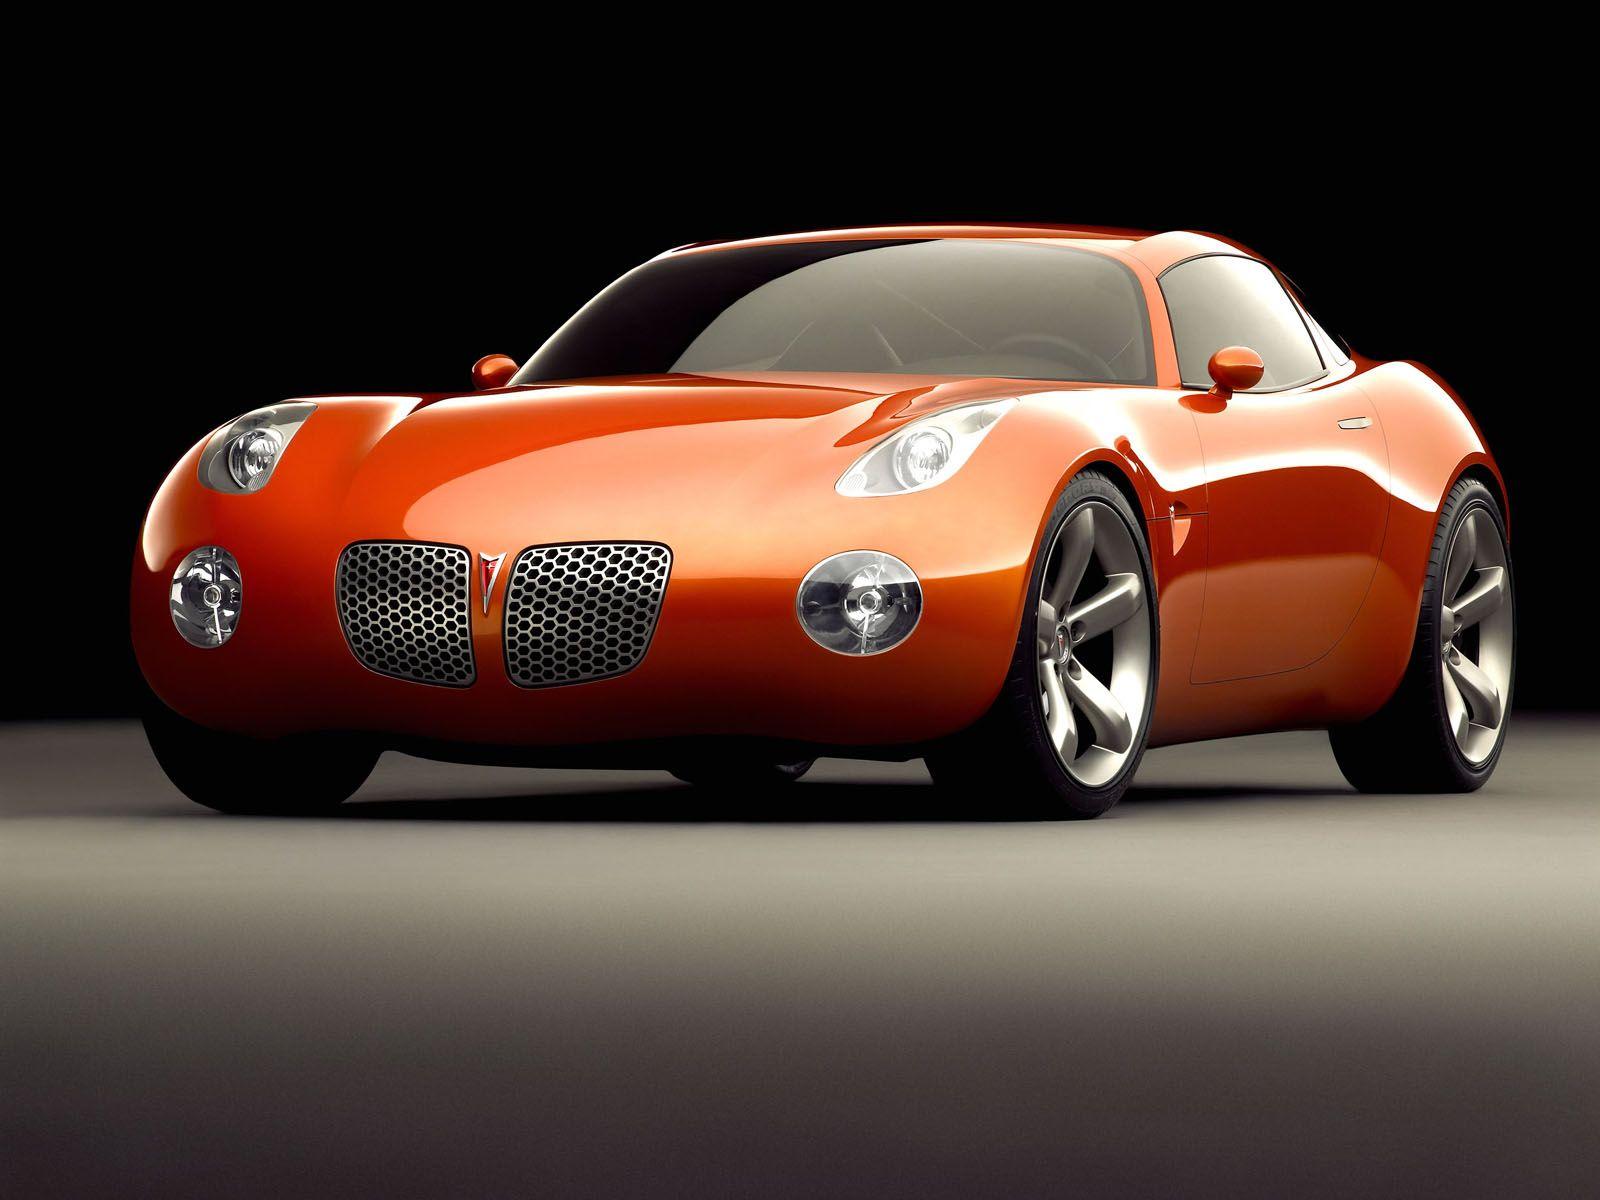 New Car Models